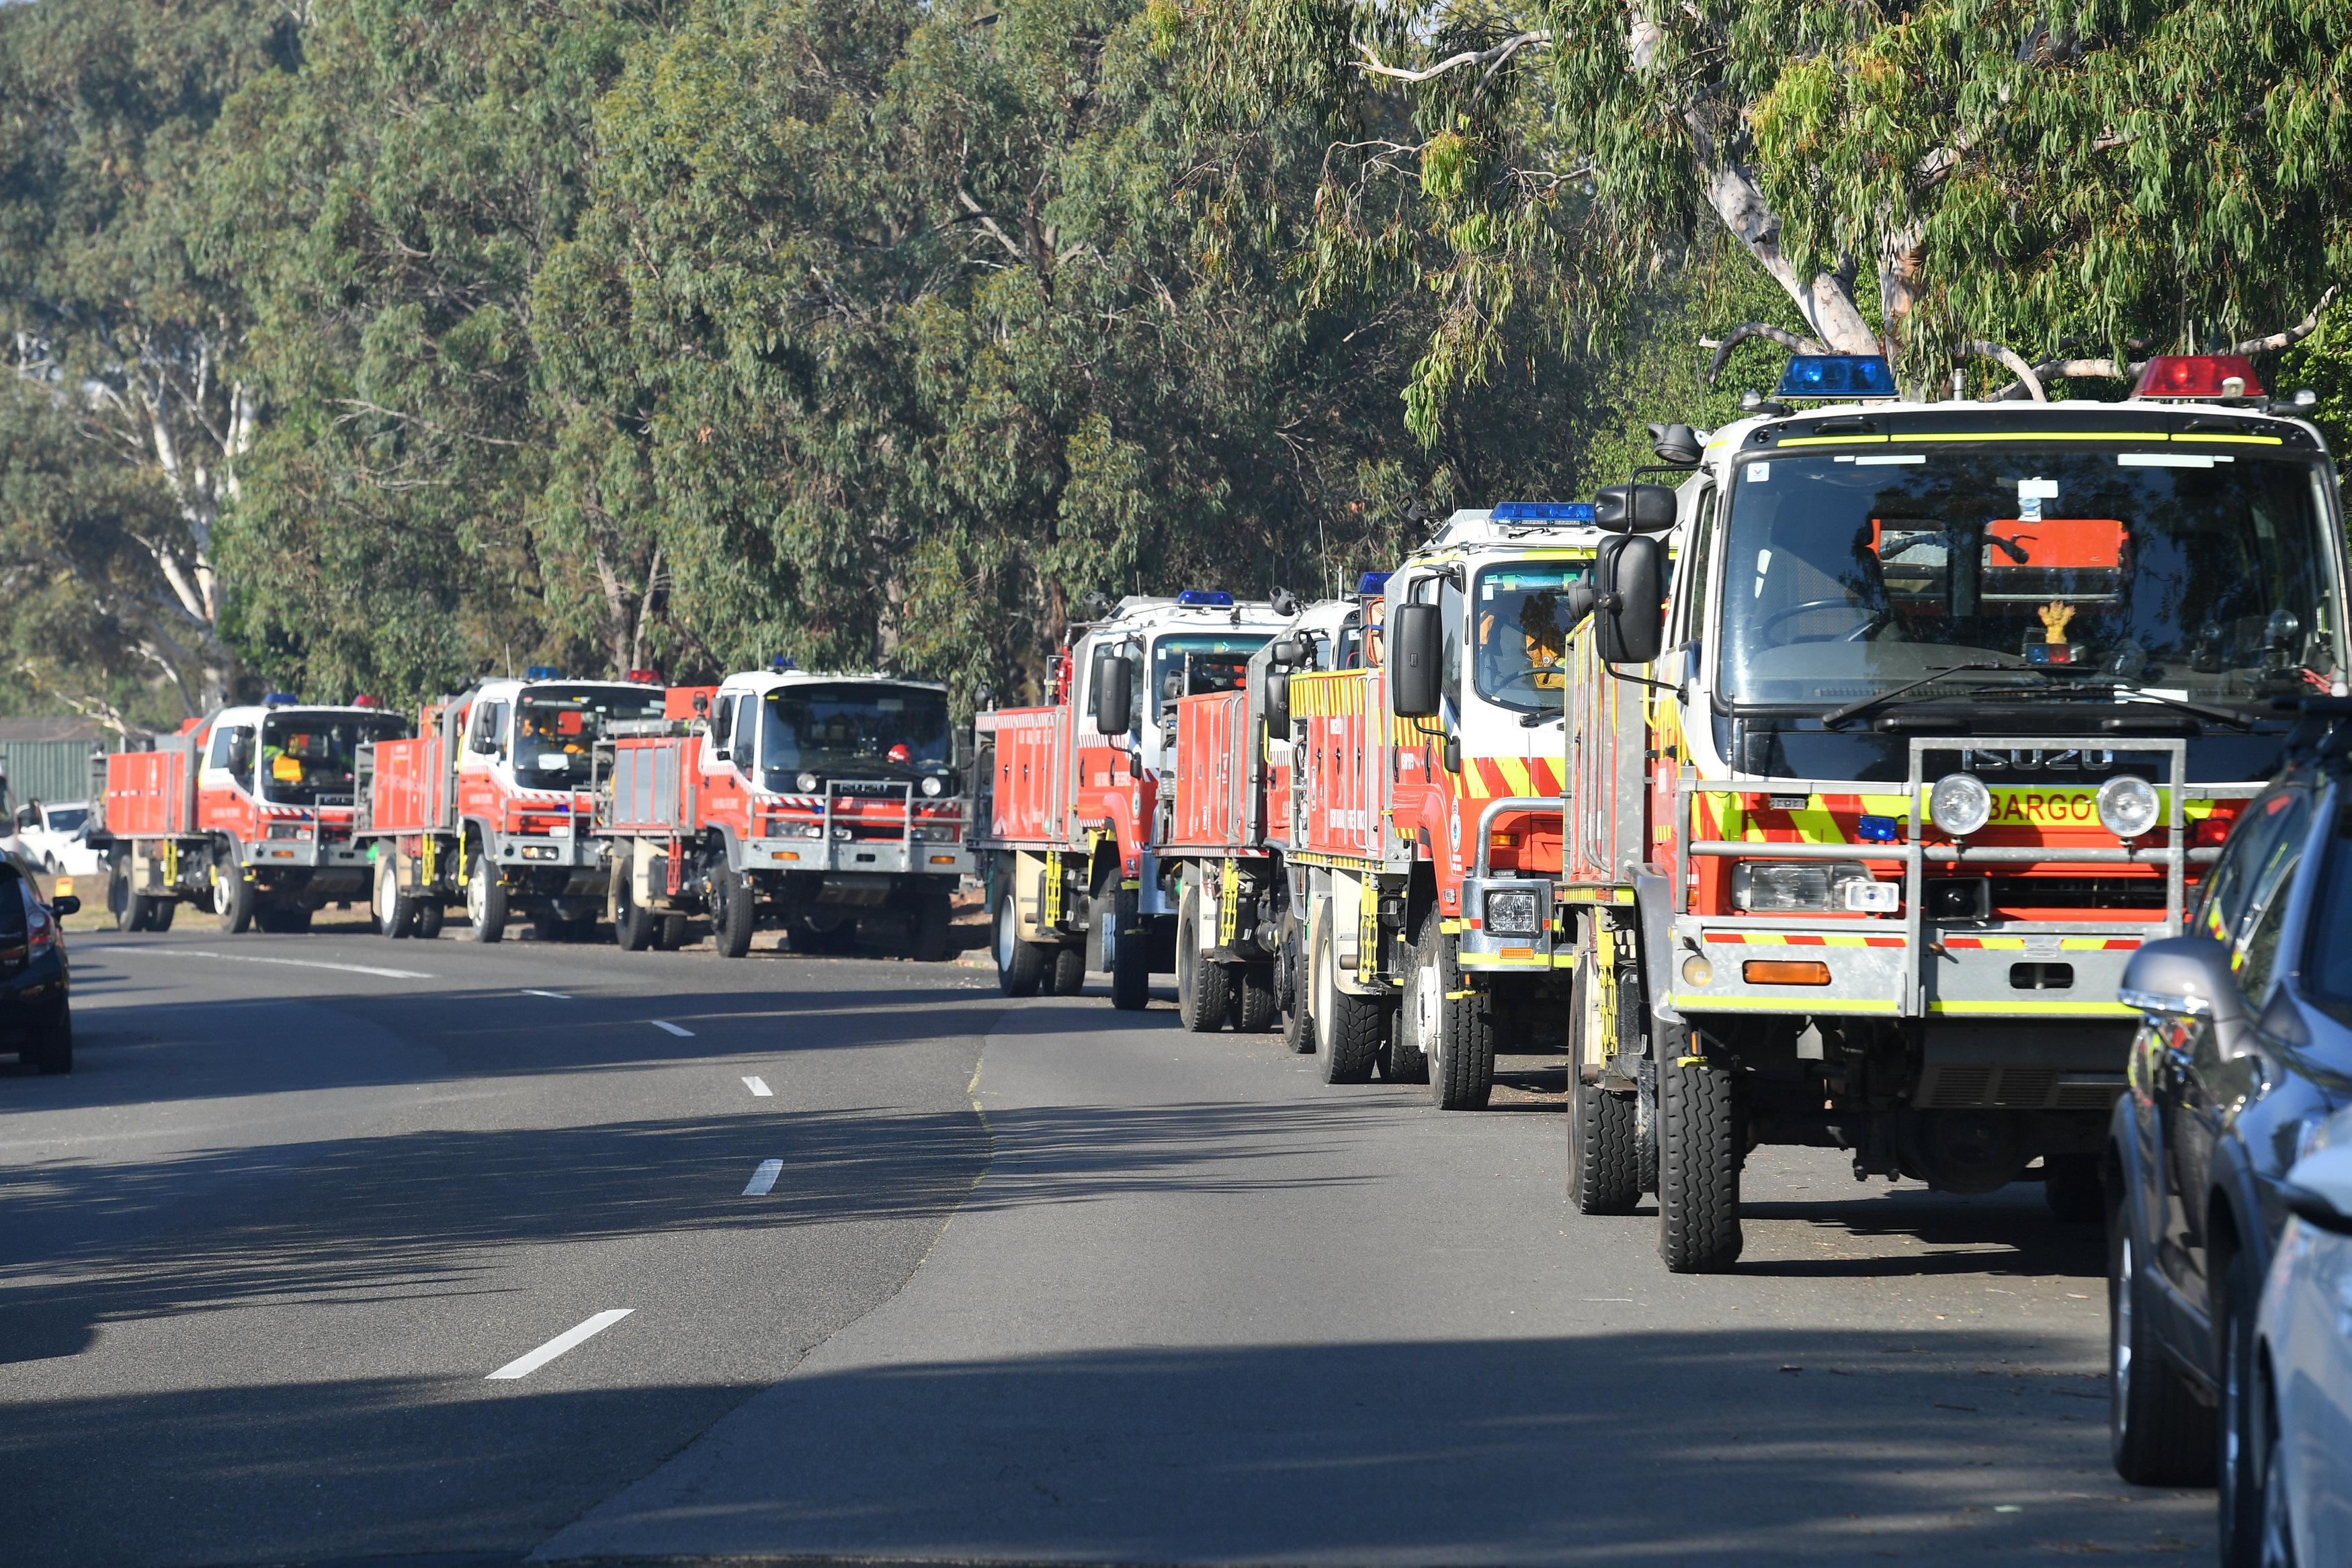 Camiones de los bomberos en Sídney, Australia(AAP/Brendan Esposito/vía Reuters)